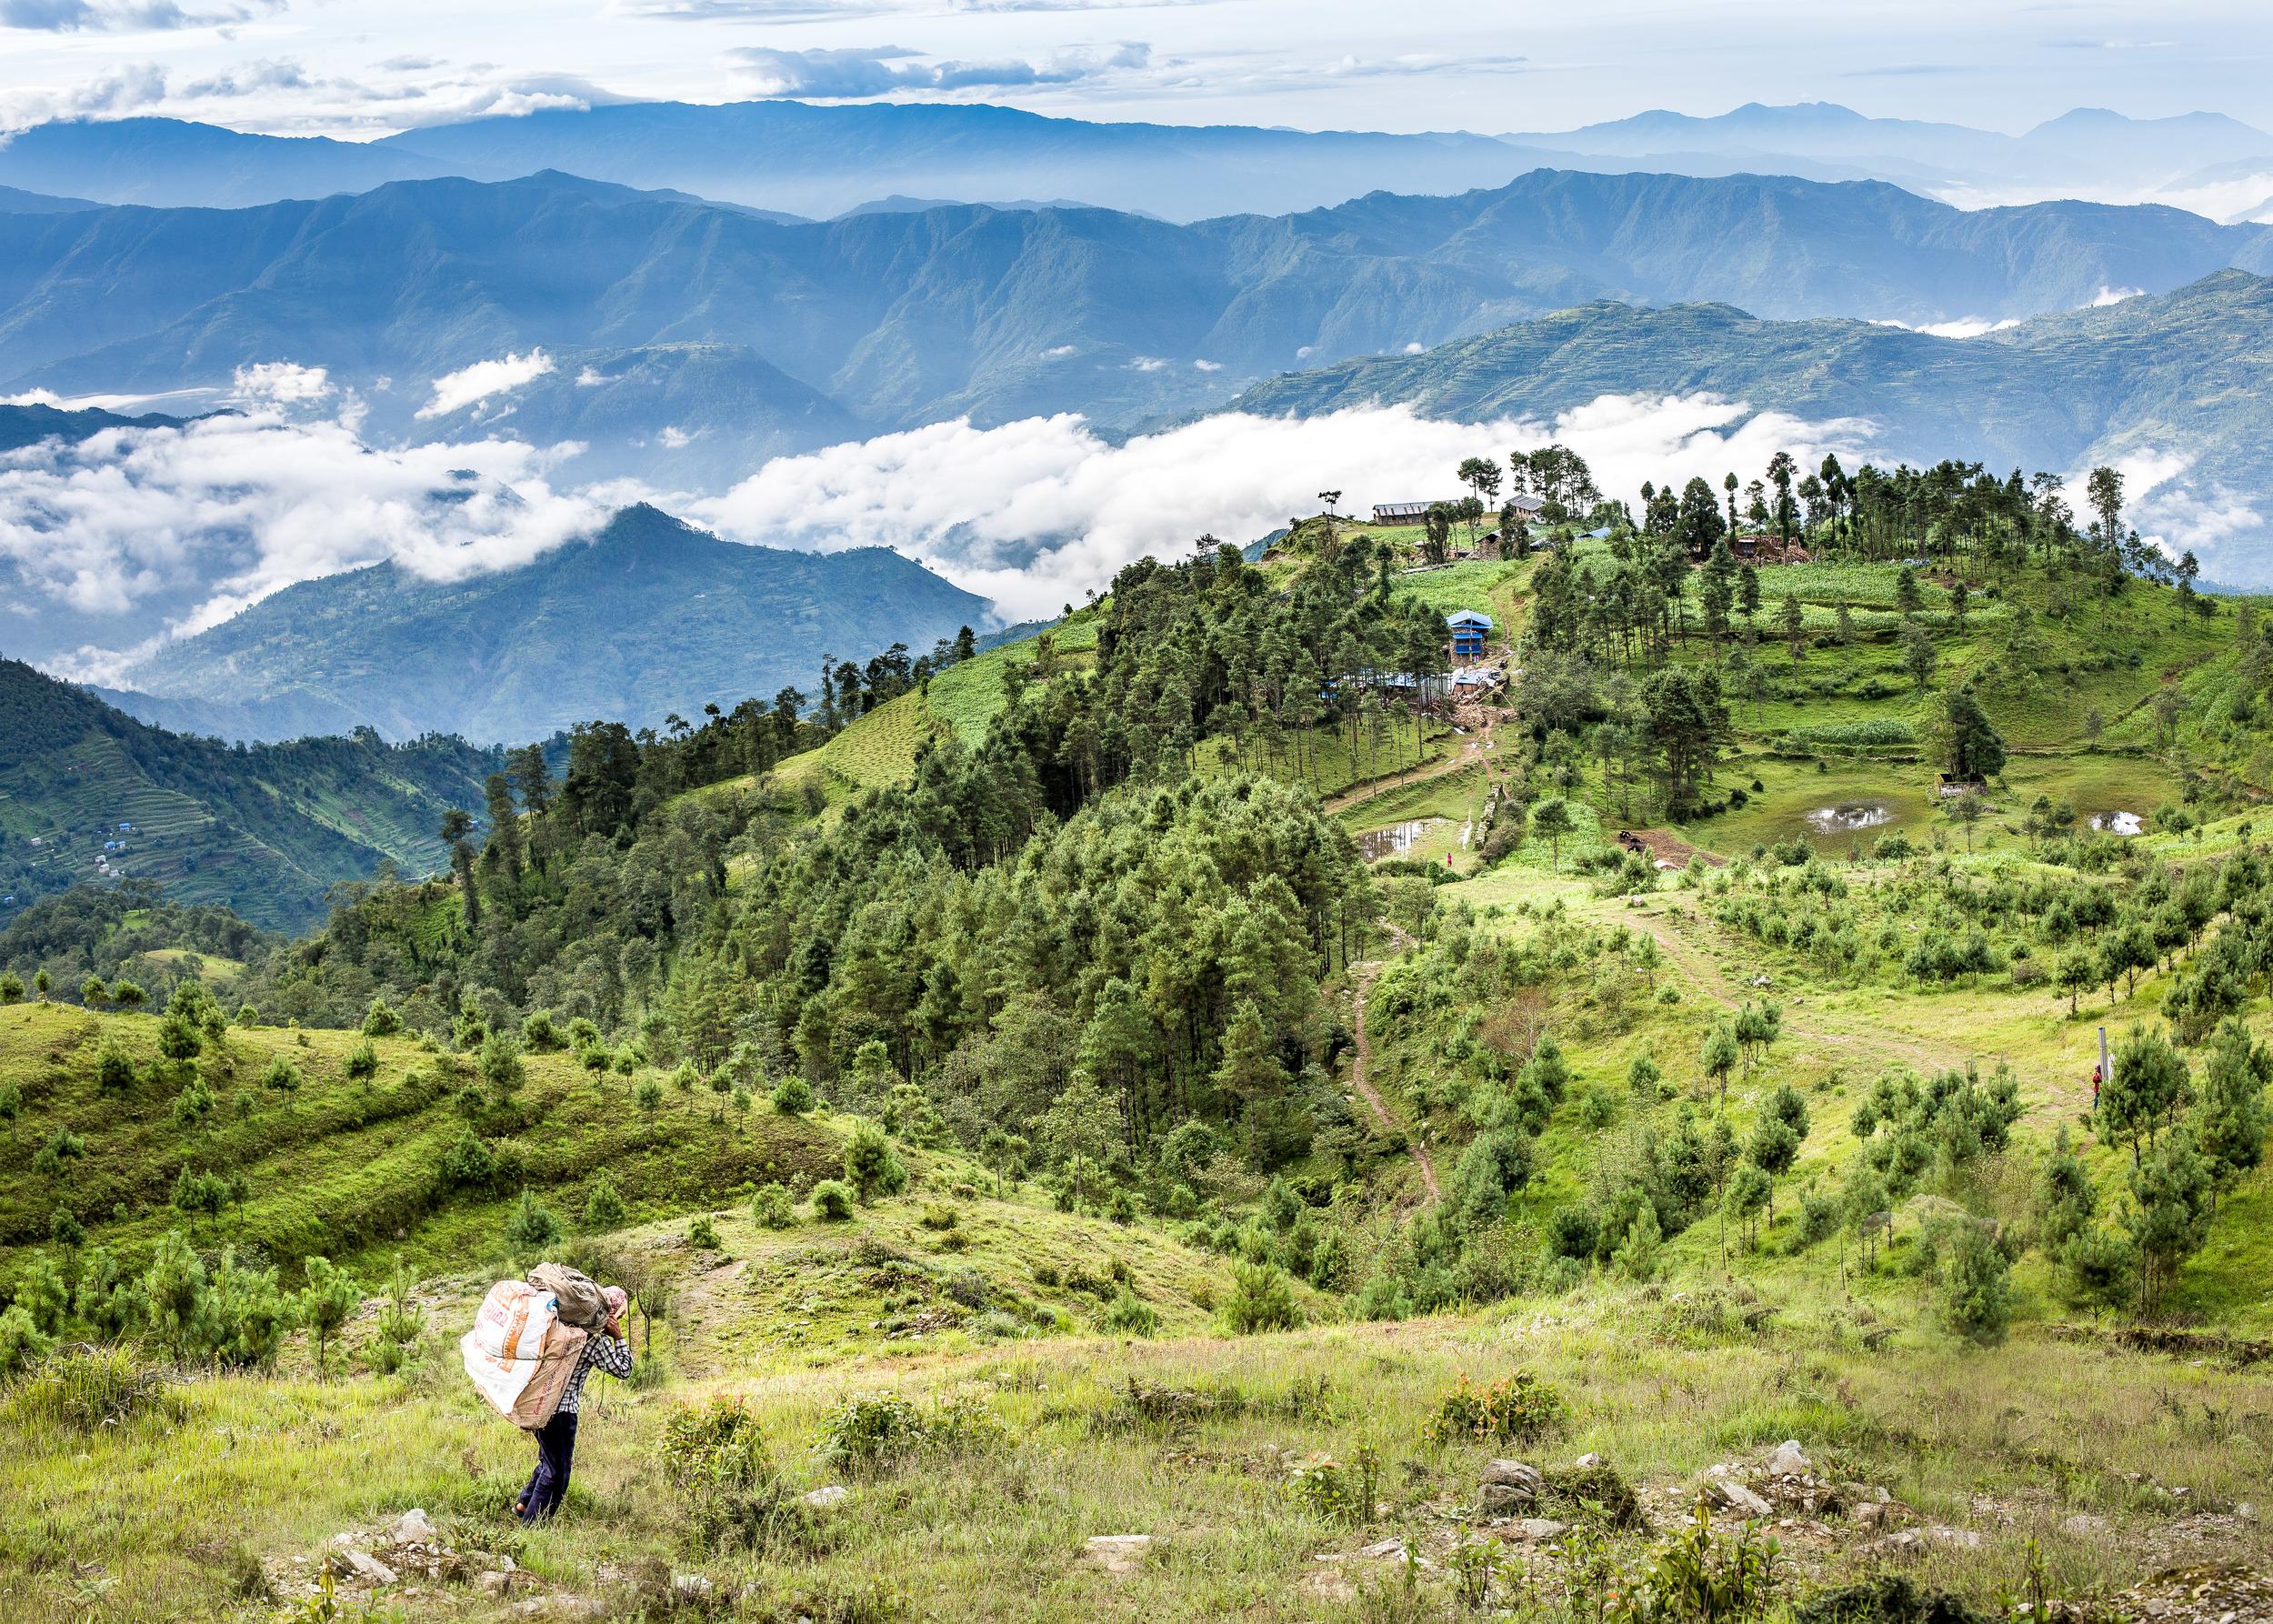 Onze drager die tijdens onze voorbereidende reis op weg is naar het op de heuveltop gelegen plaatsje Deorali.